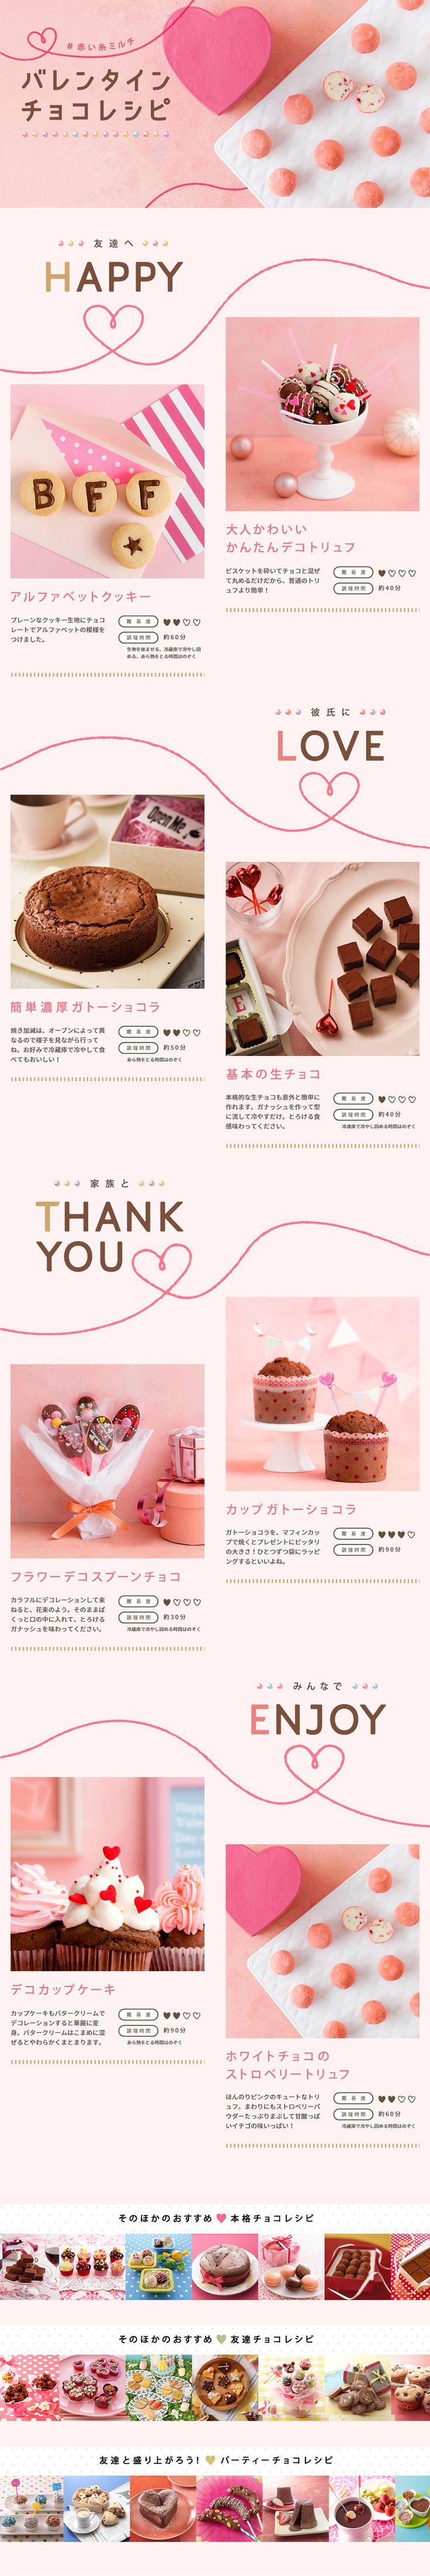 meiji様の「手づくり Choco Recipe」のランディングページ(LP)かわいい系|スイーツ・スナック菓子 #LP #ランディングページ #ランペ #手づくり Choco Recipe